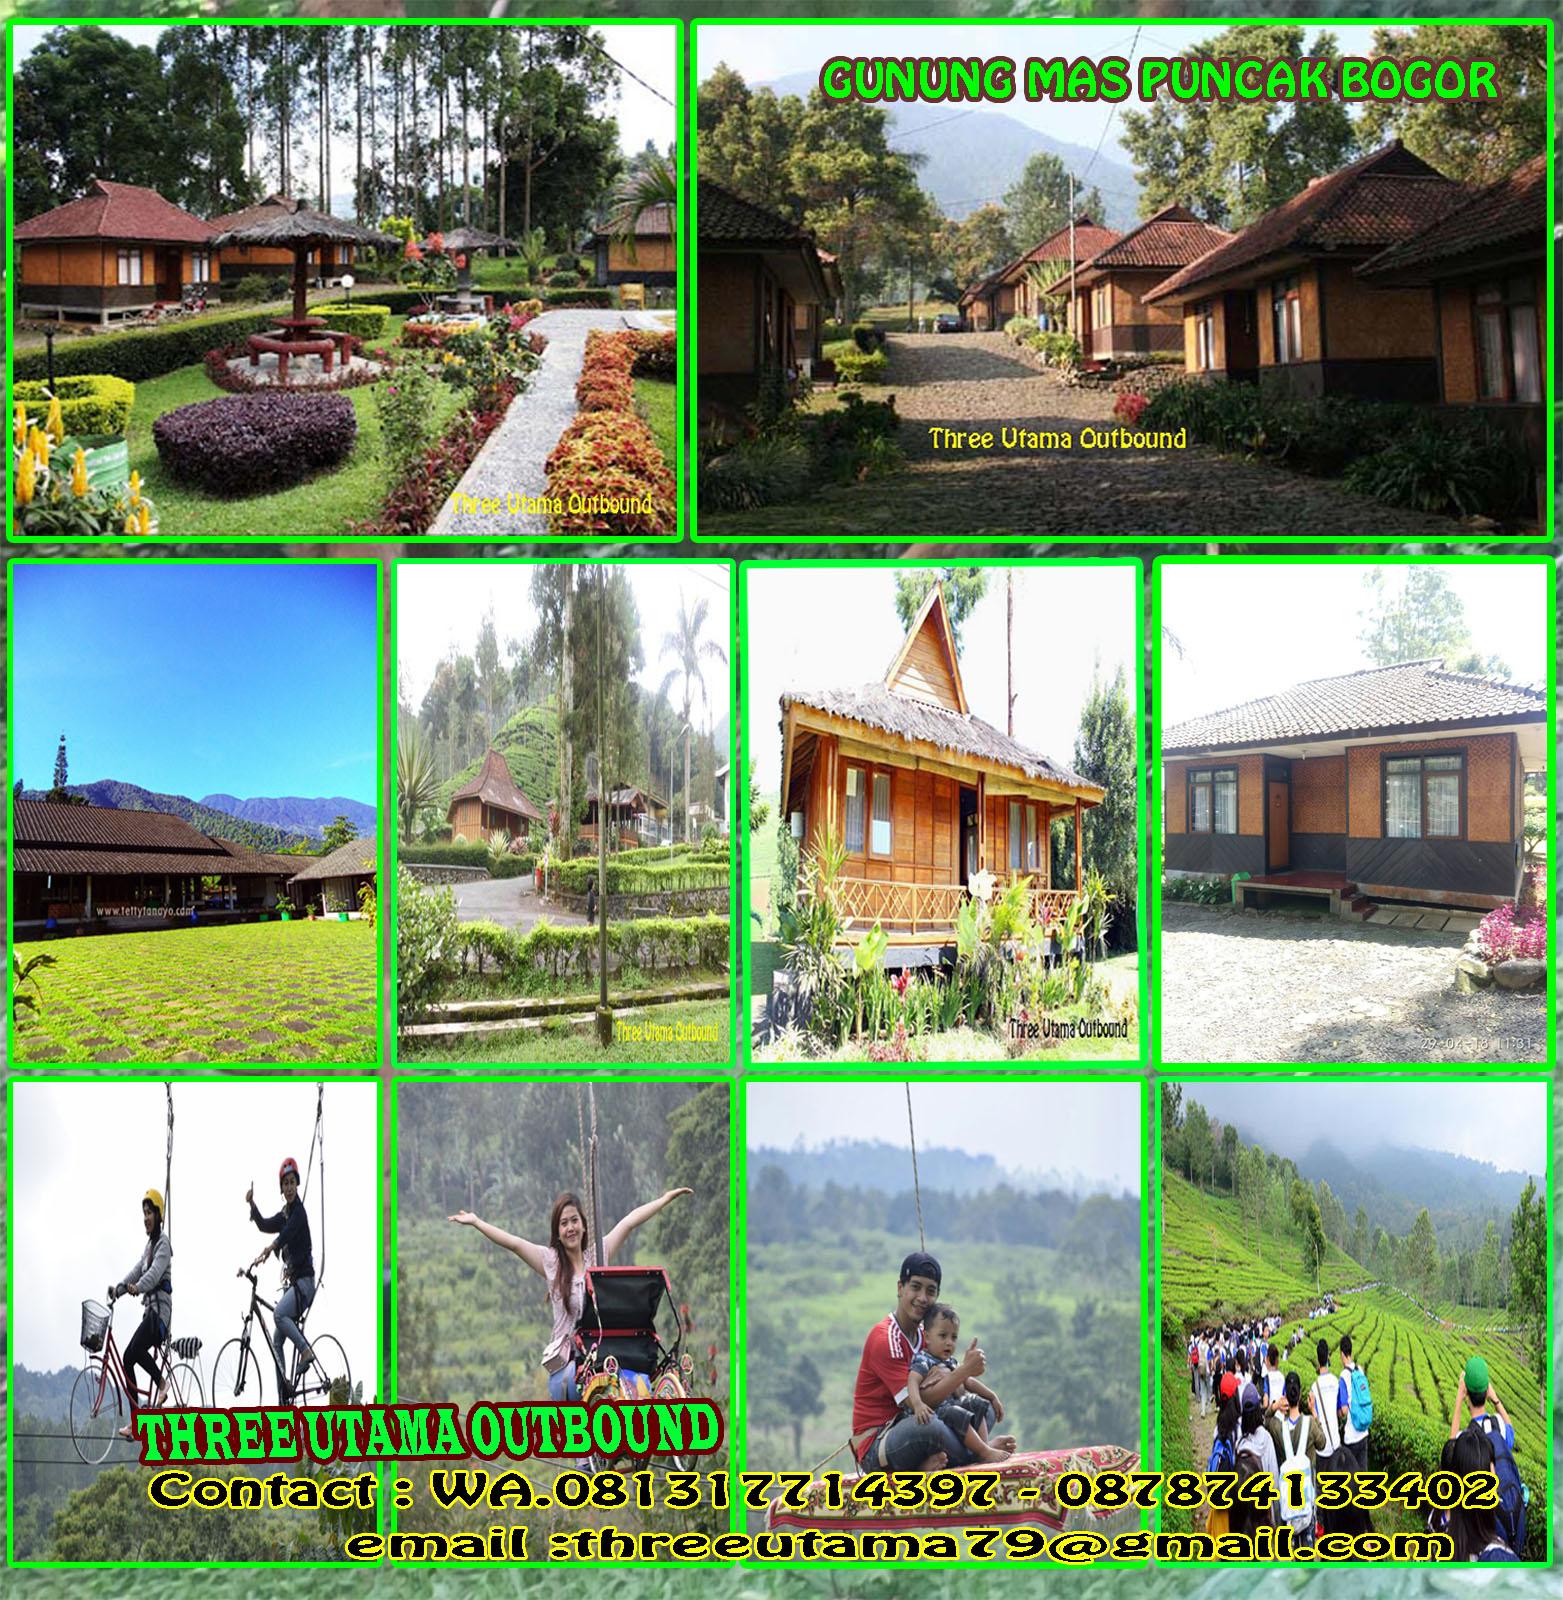 Outbound Murah Puncak Gunung Mas Paket Wisata Gunung Mas